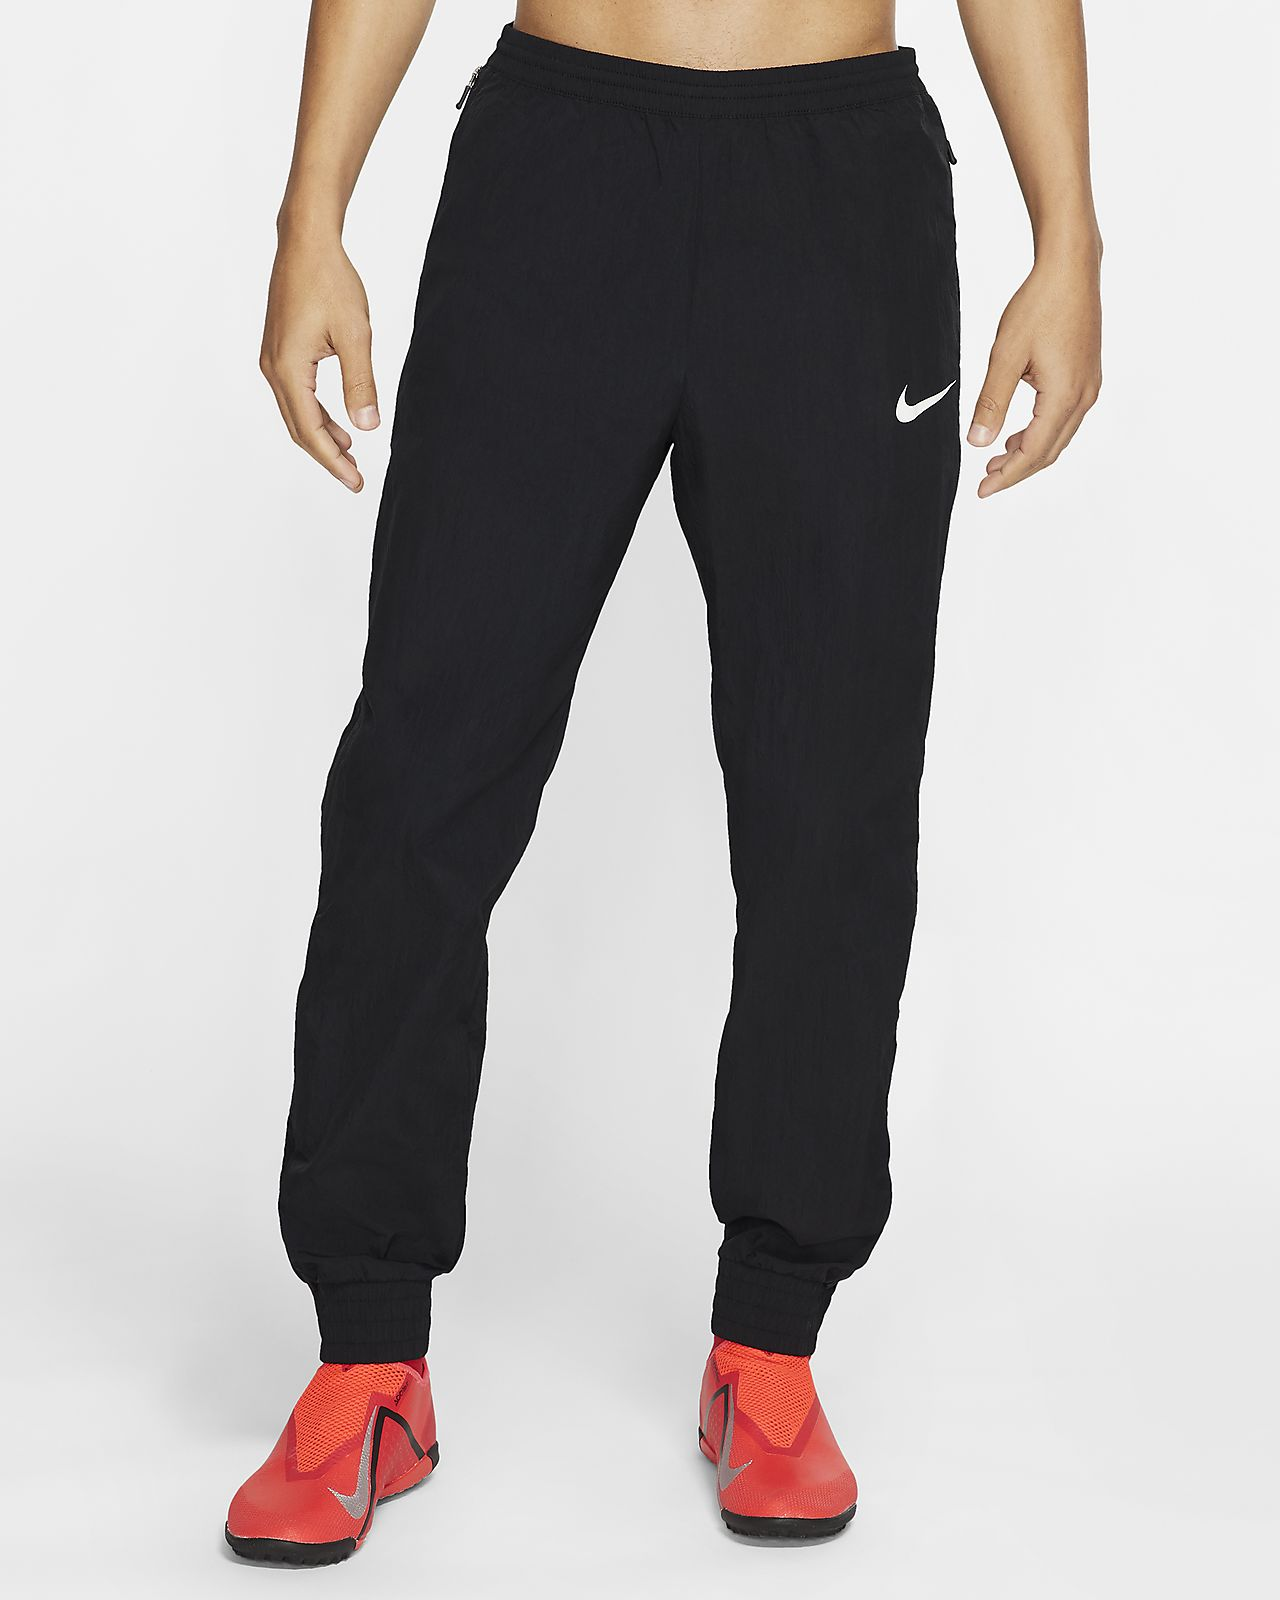 Vævede Nike F.C.-fodboldbukser til mænd